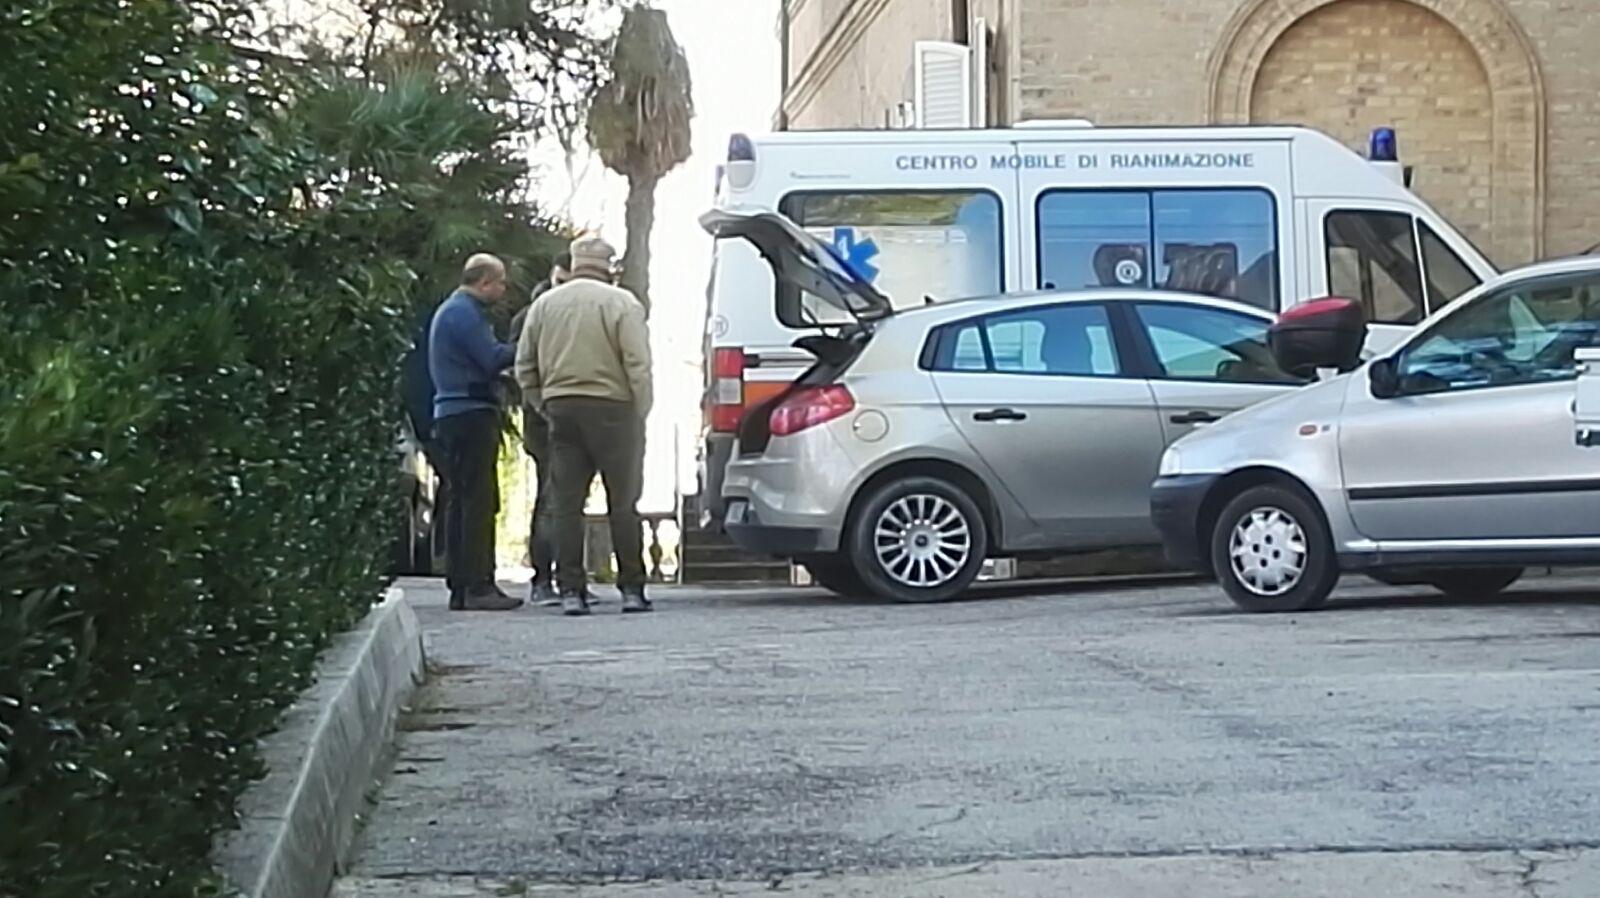 Montefiore di Recanati, Cristina uccisa da un colpo di fucile